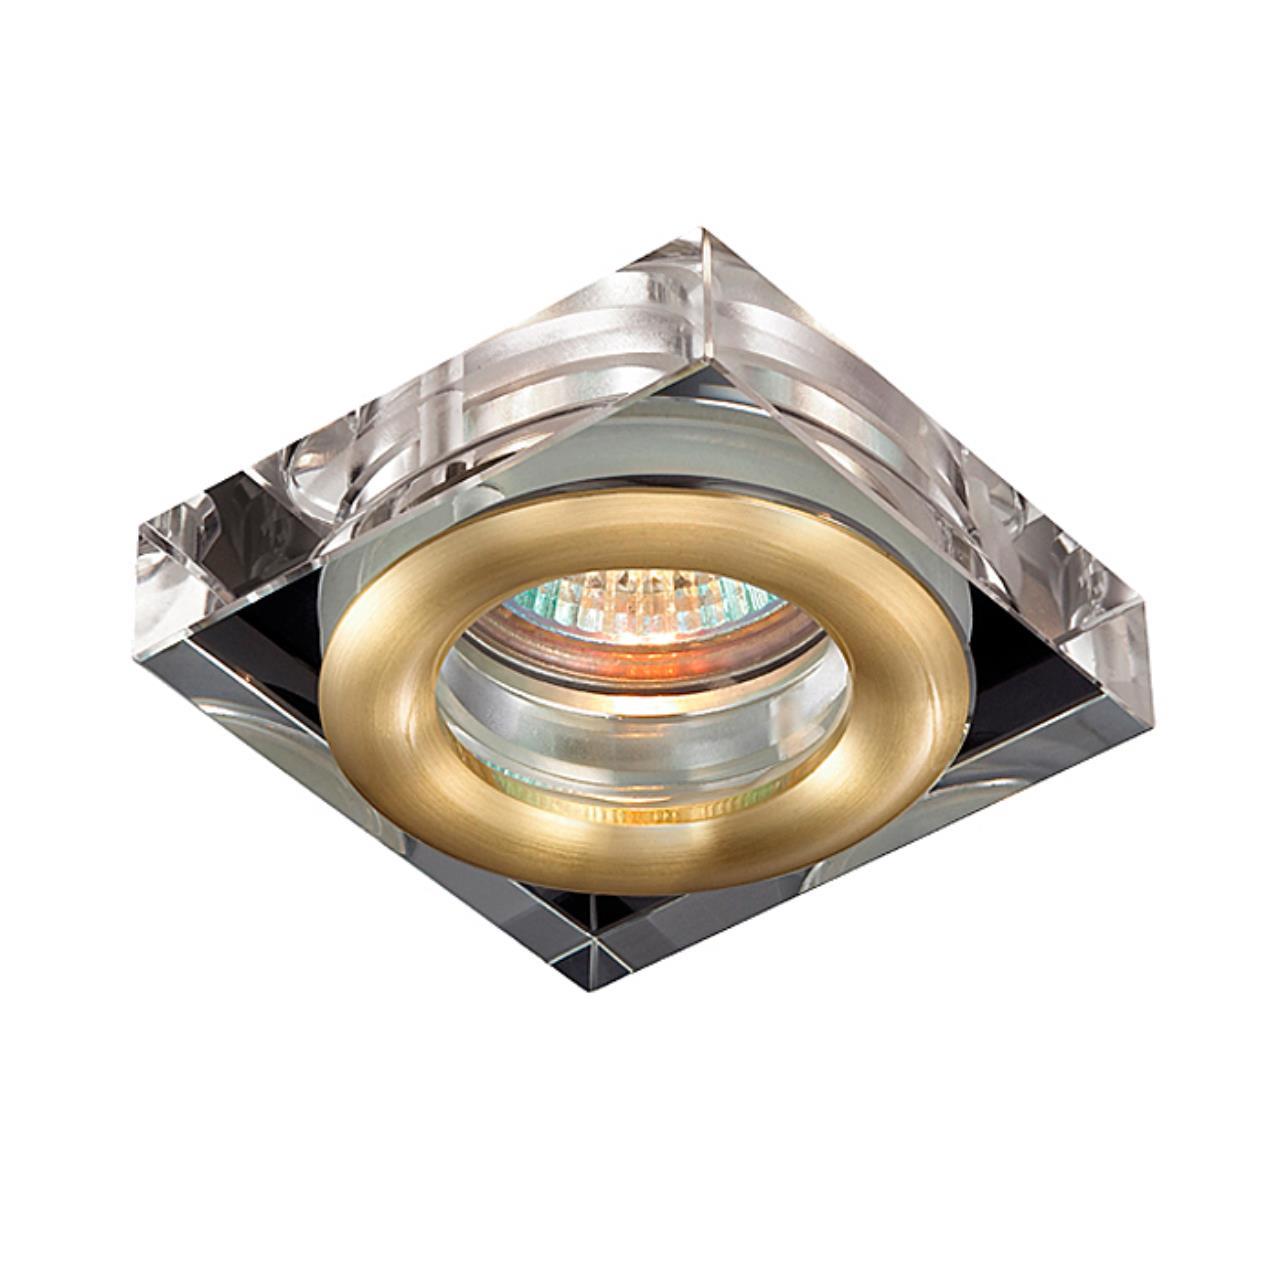 369882 SPOT NT14 138 матовое золото Встраиваемый светильник IP54 GX5.3 50W 12V AQUA